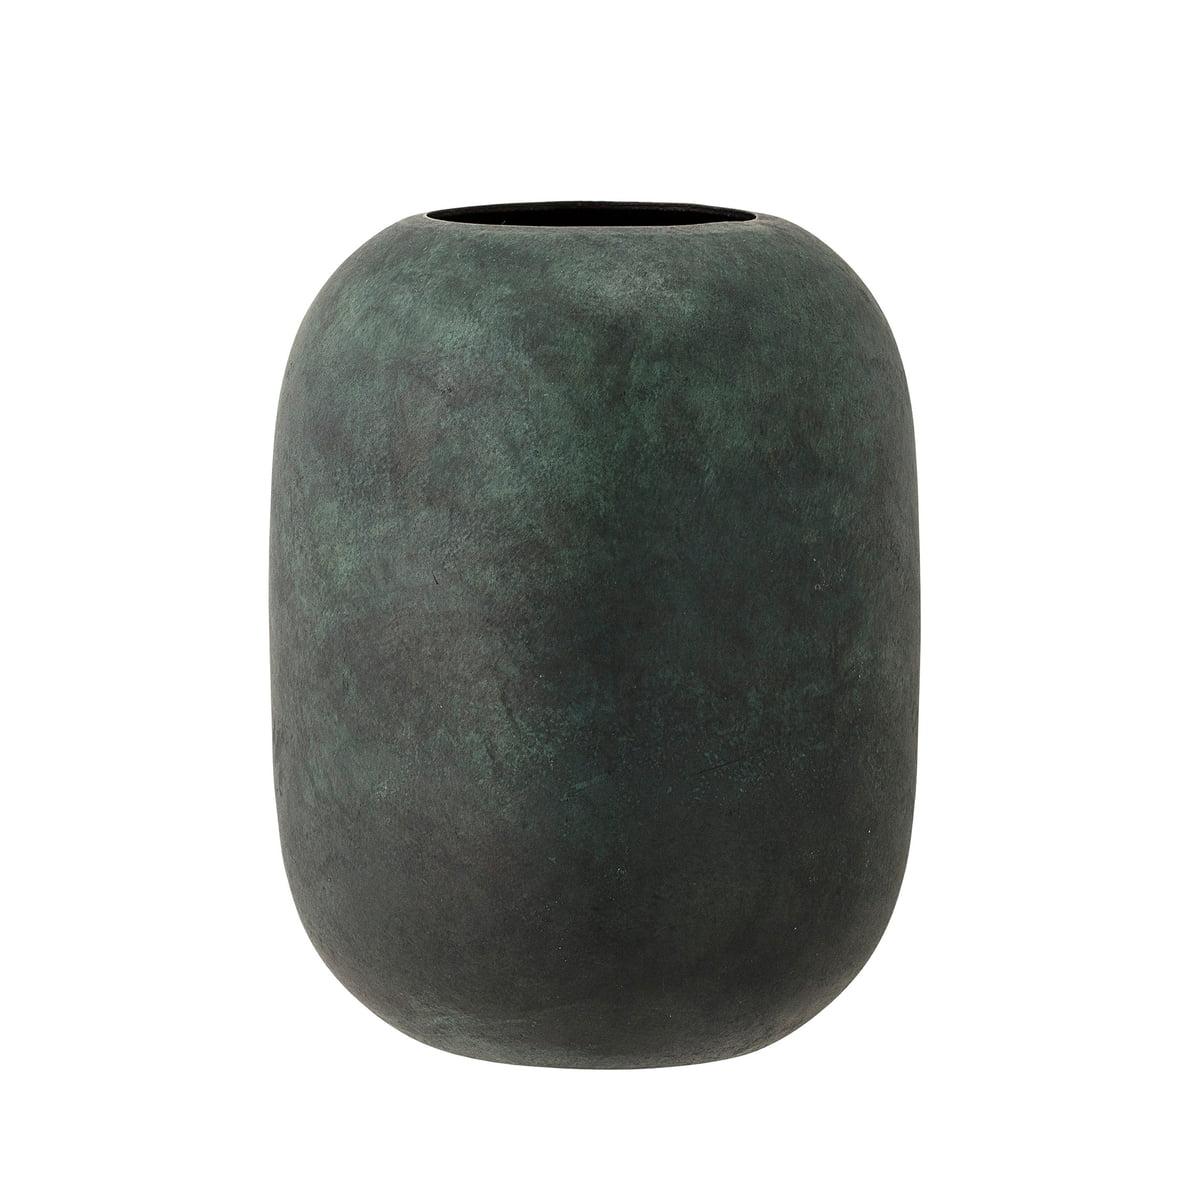 Die Bloomingville   Metall Vase, H 18 Cm In Grün